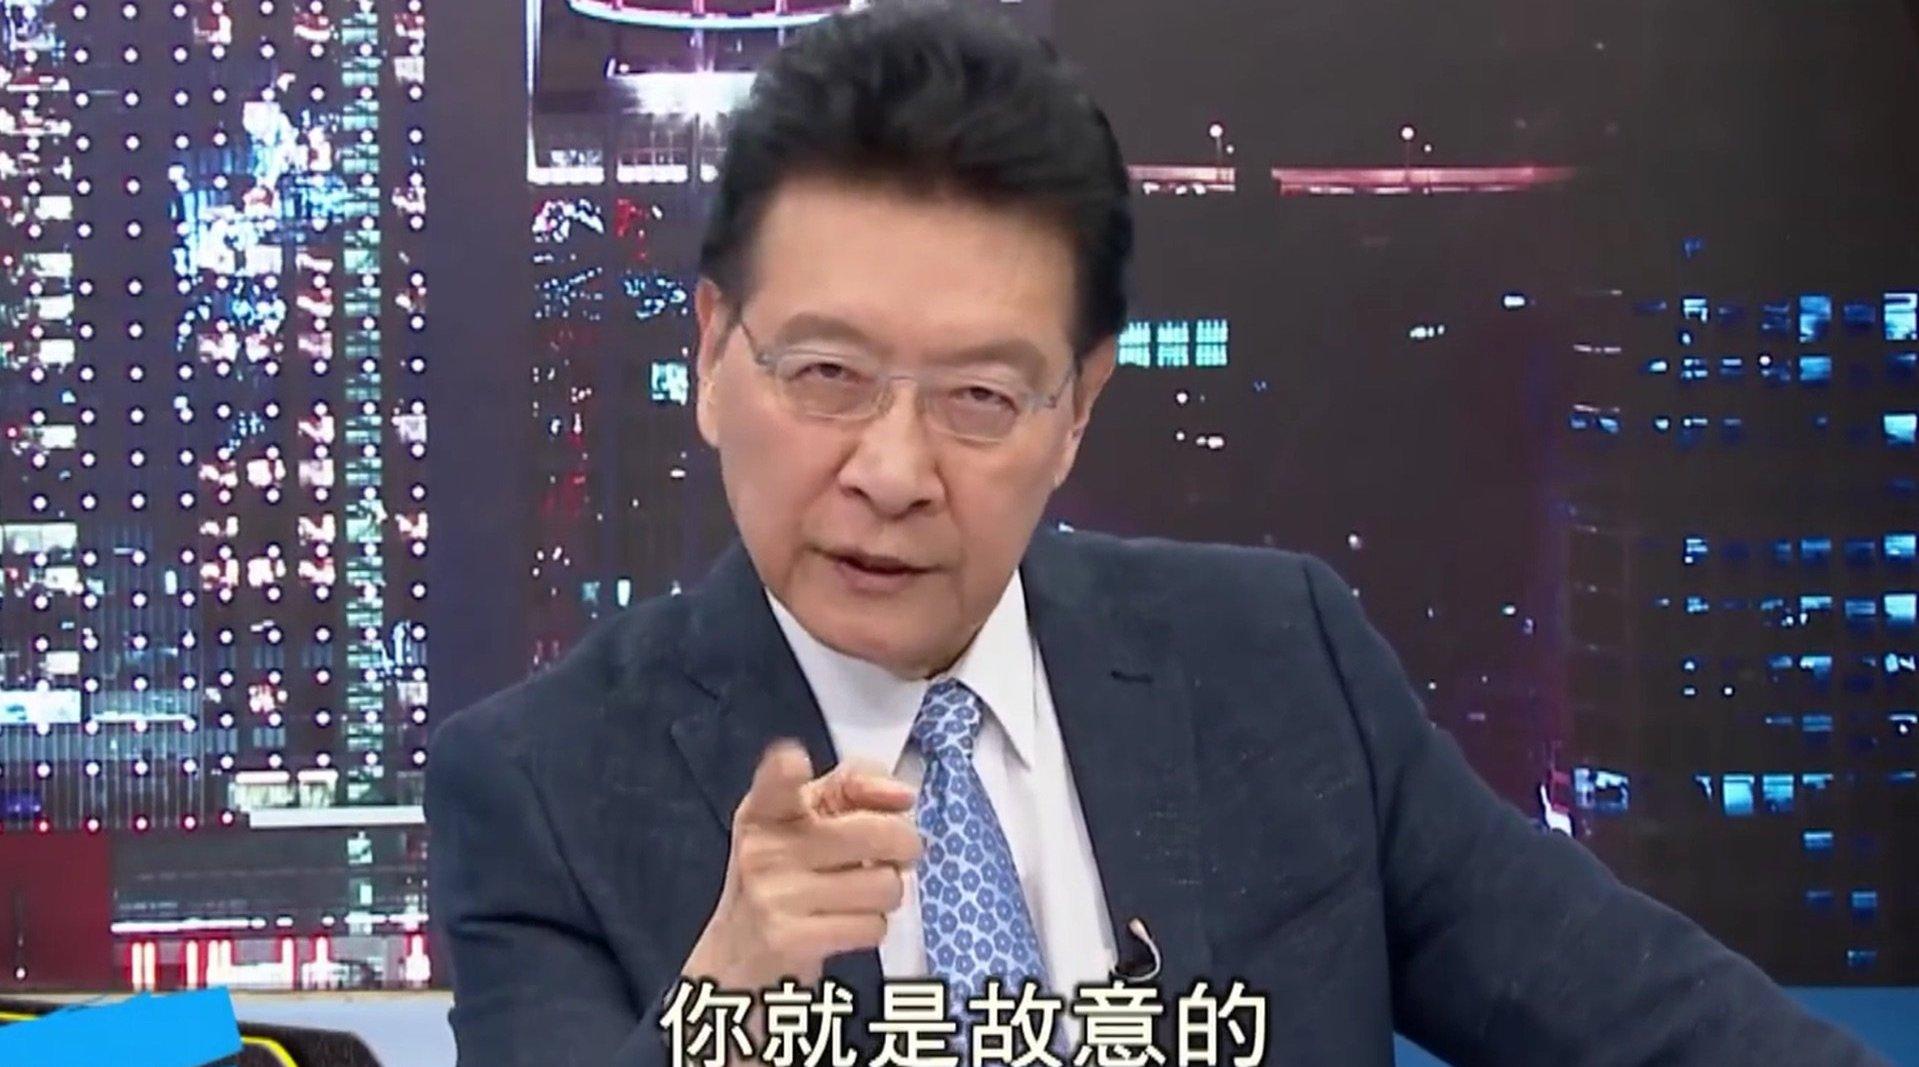 2月18日,台湾节目《少康战情室》点名对线观察者网